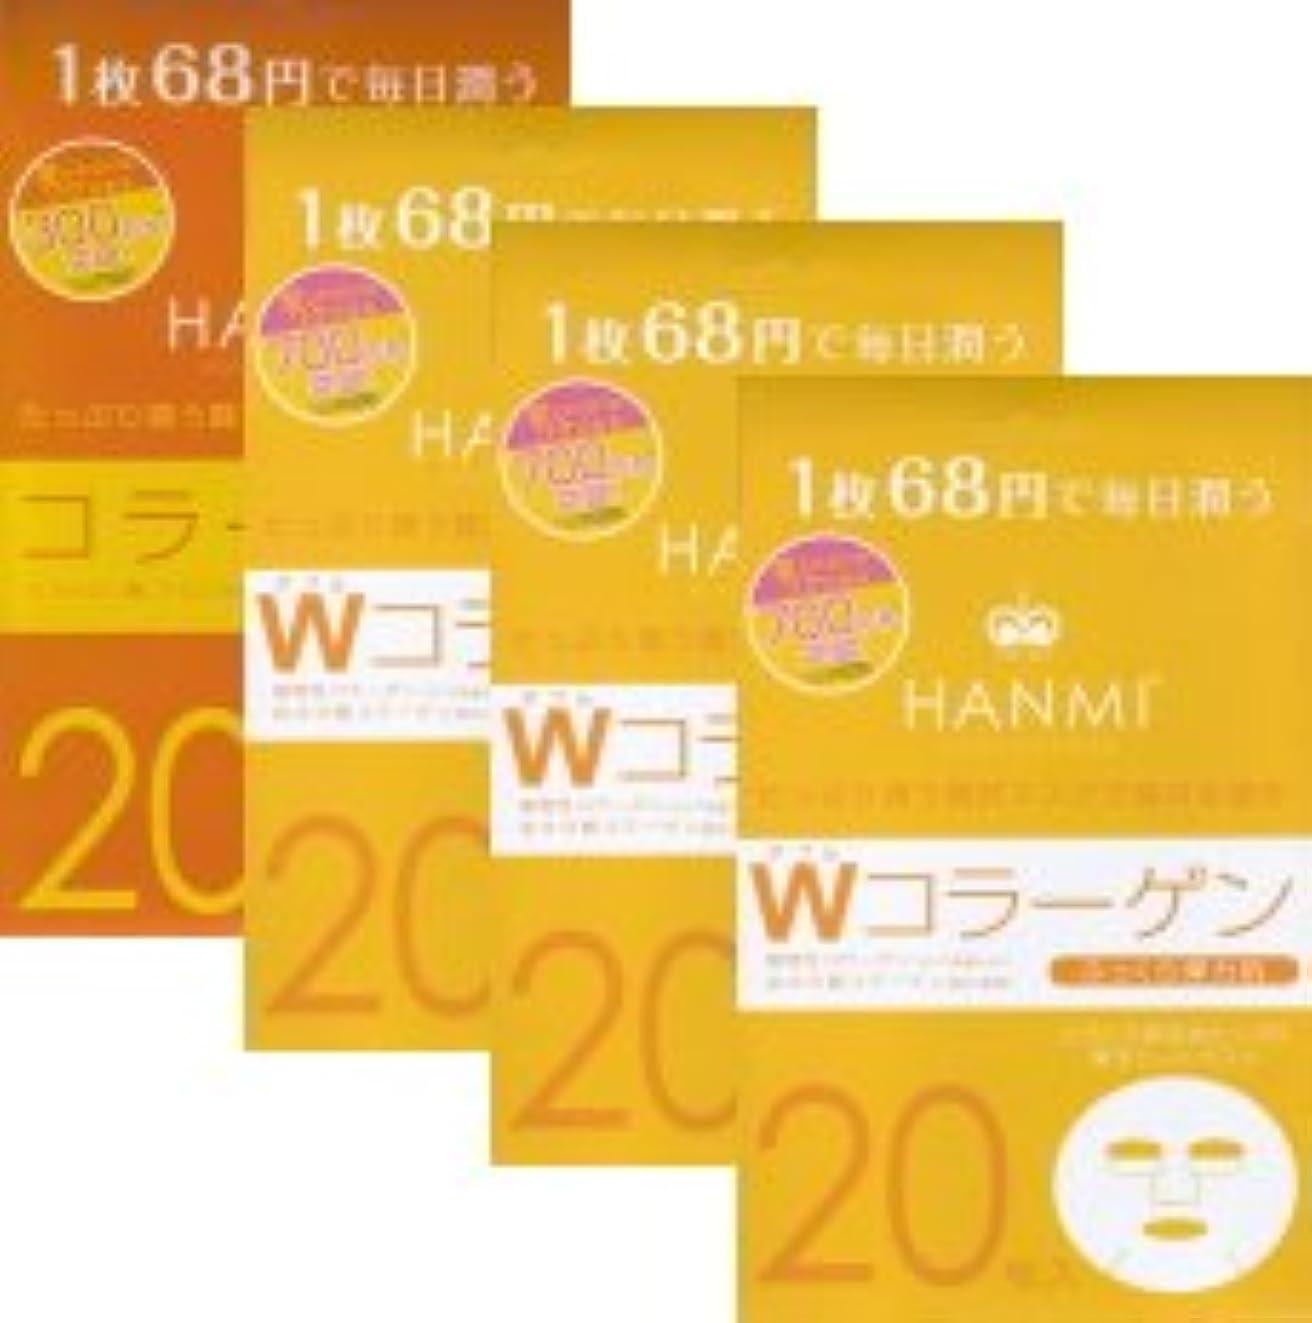 みぞれ達成メンターMIGAKI ハンミフェイスマスク(20枚入り)「コラーゲン×1個」「Wコラーゲン×3個」の4個セット